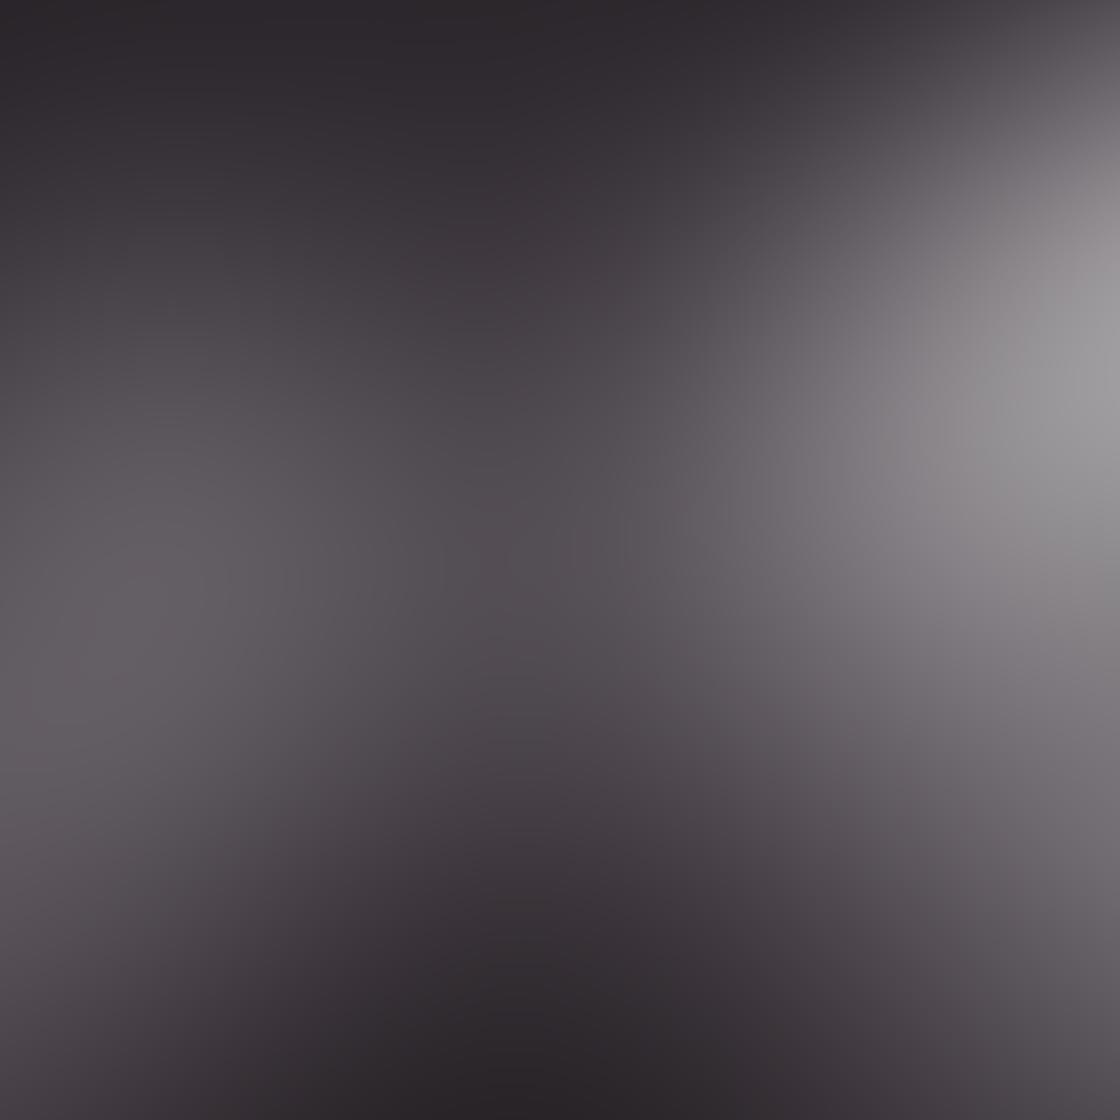 iPhone Empty Space Photo 8